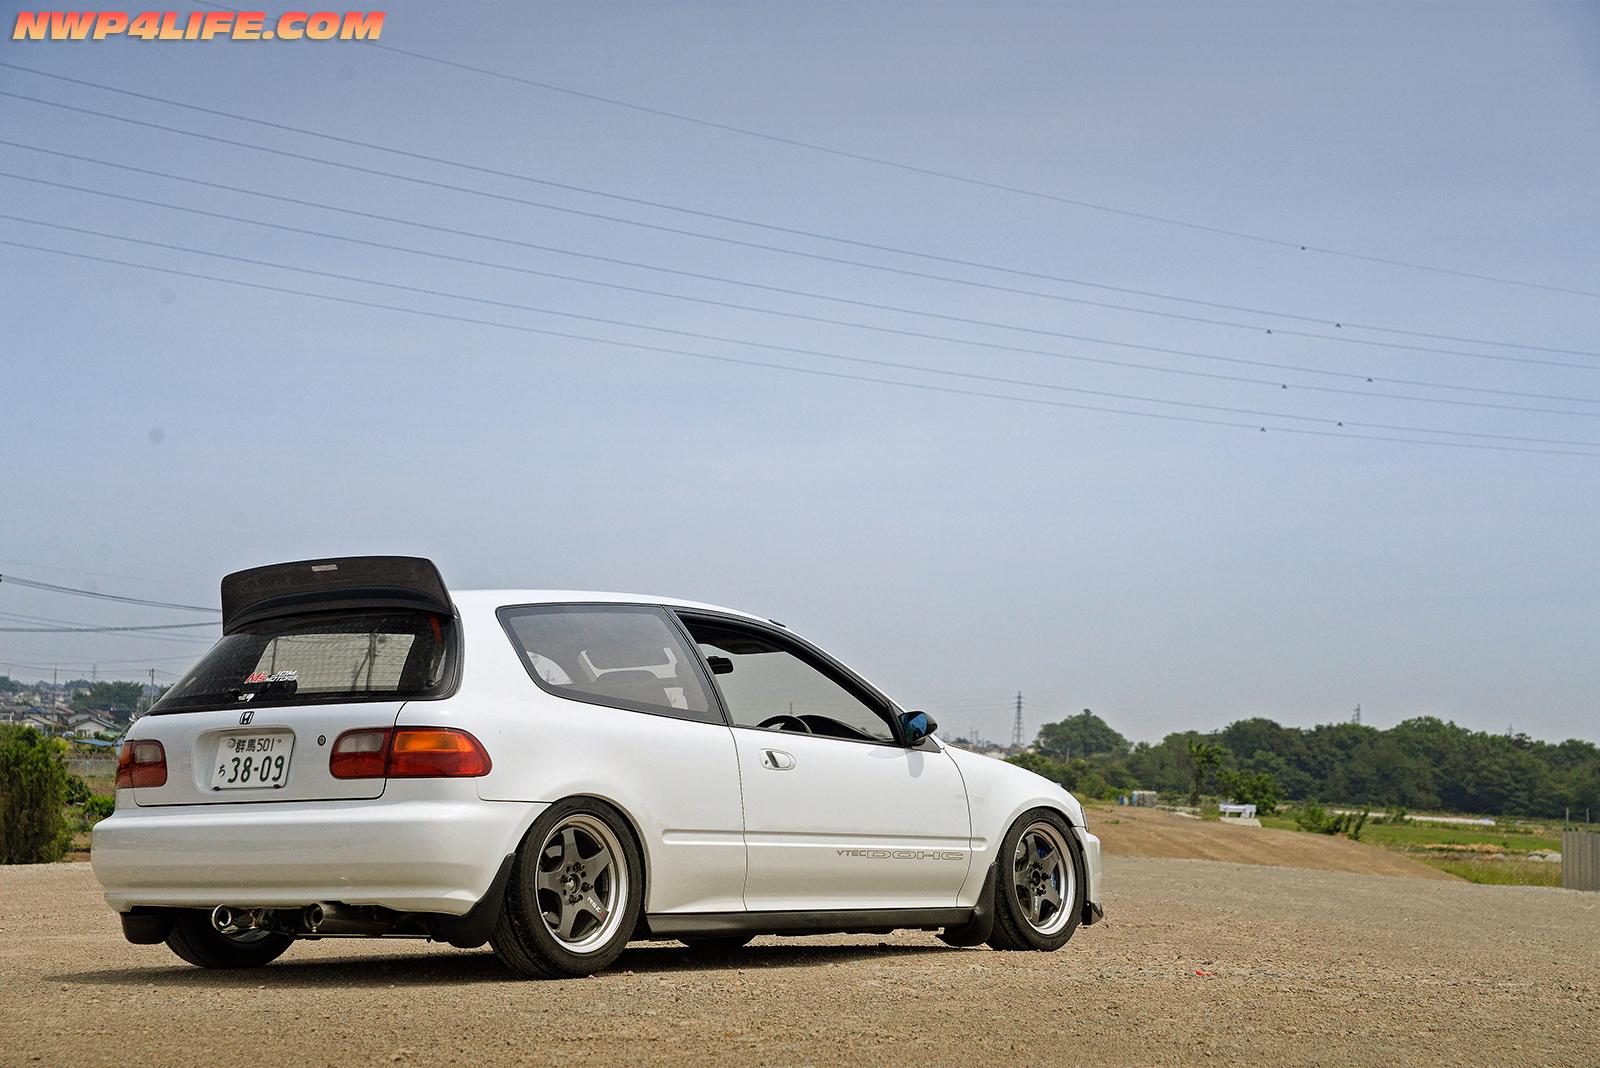 Honda Civic EG6 SiR2